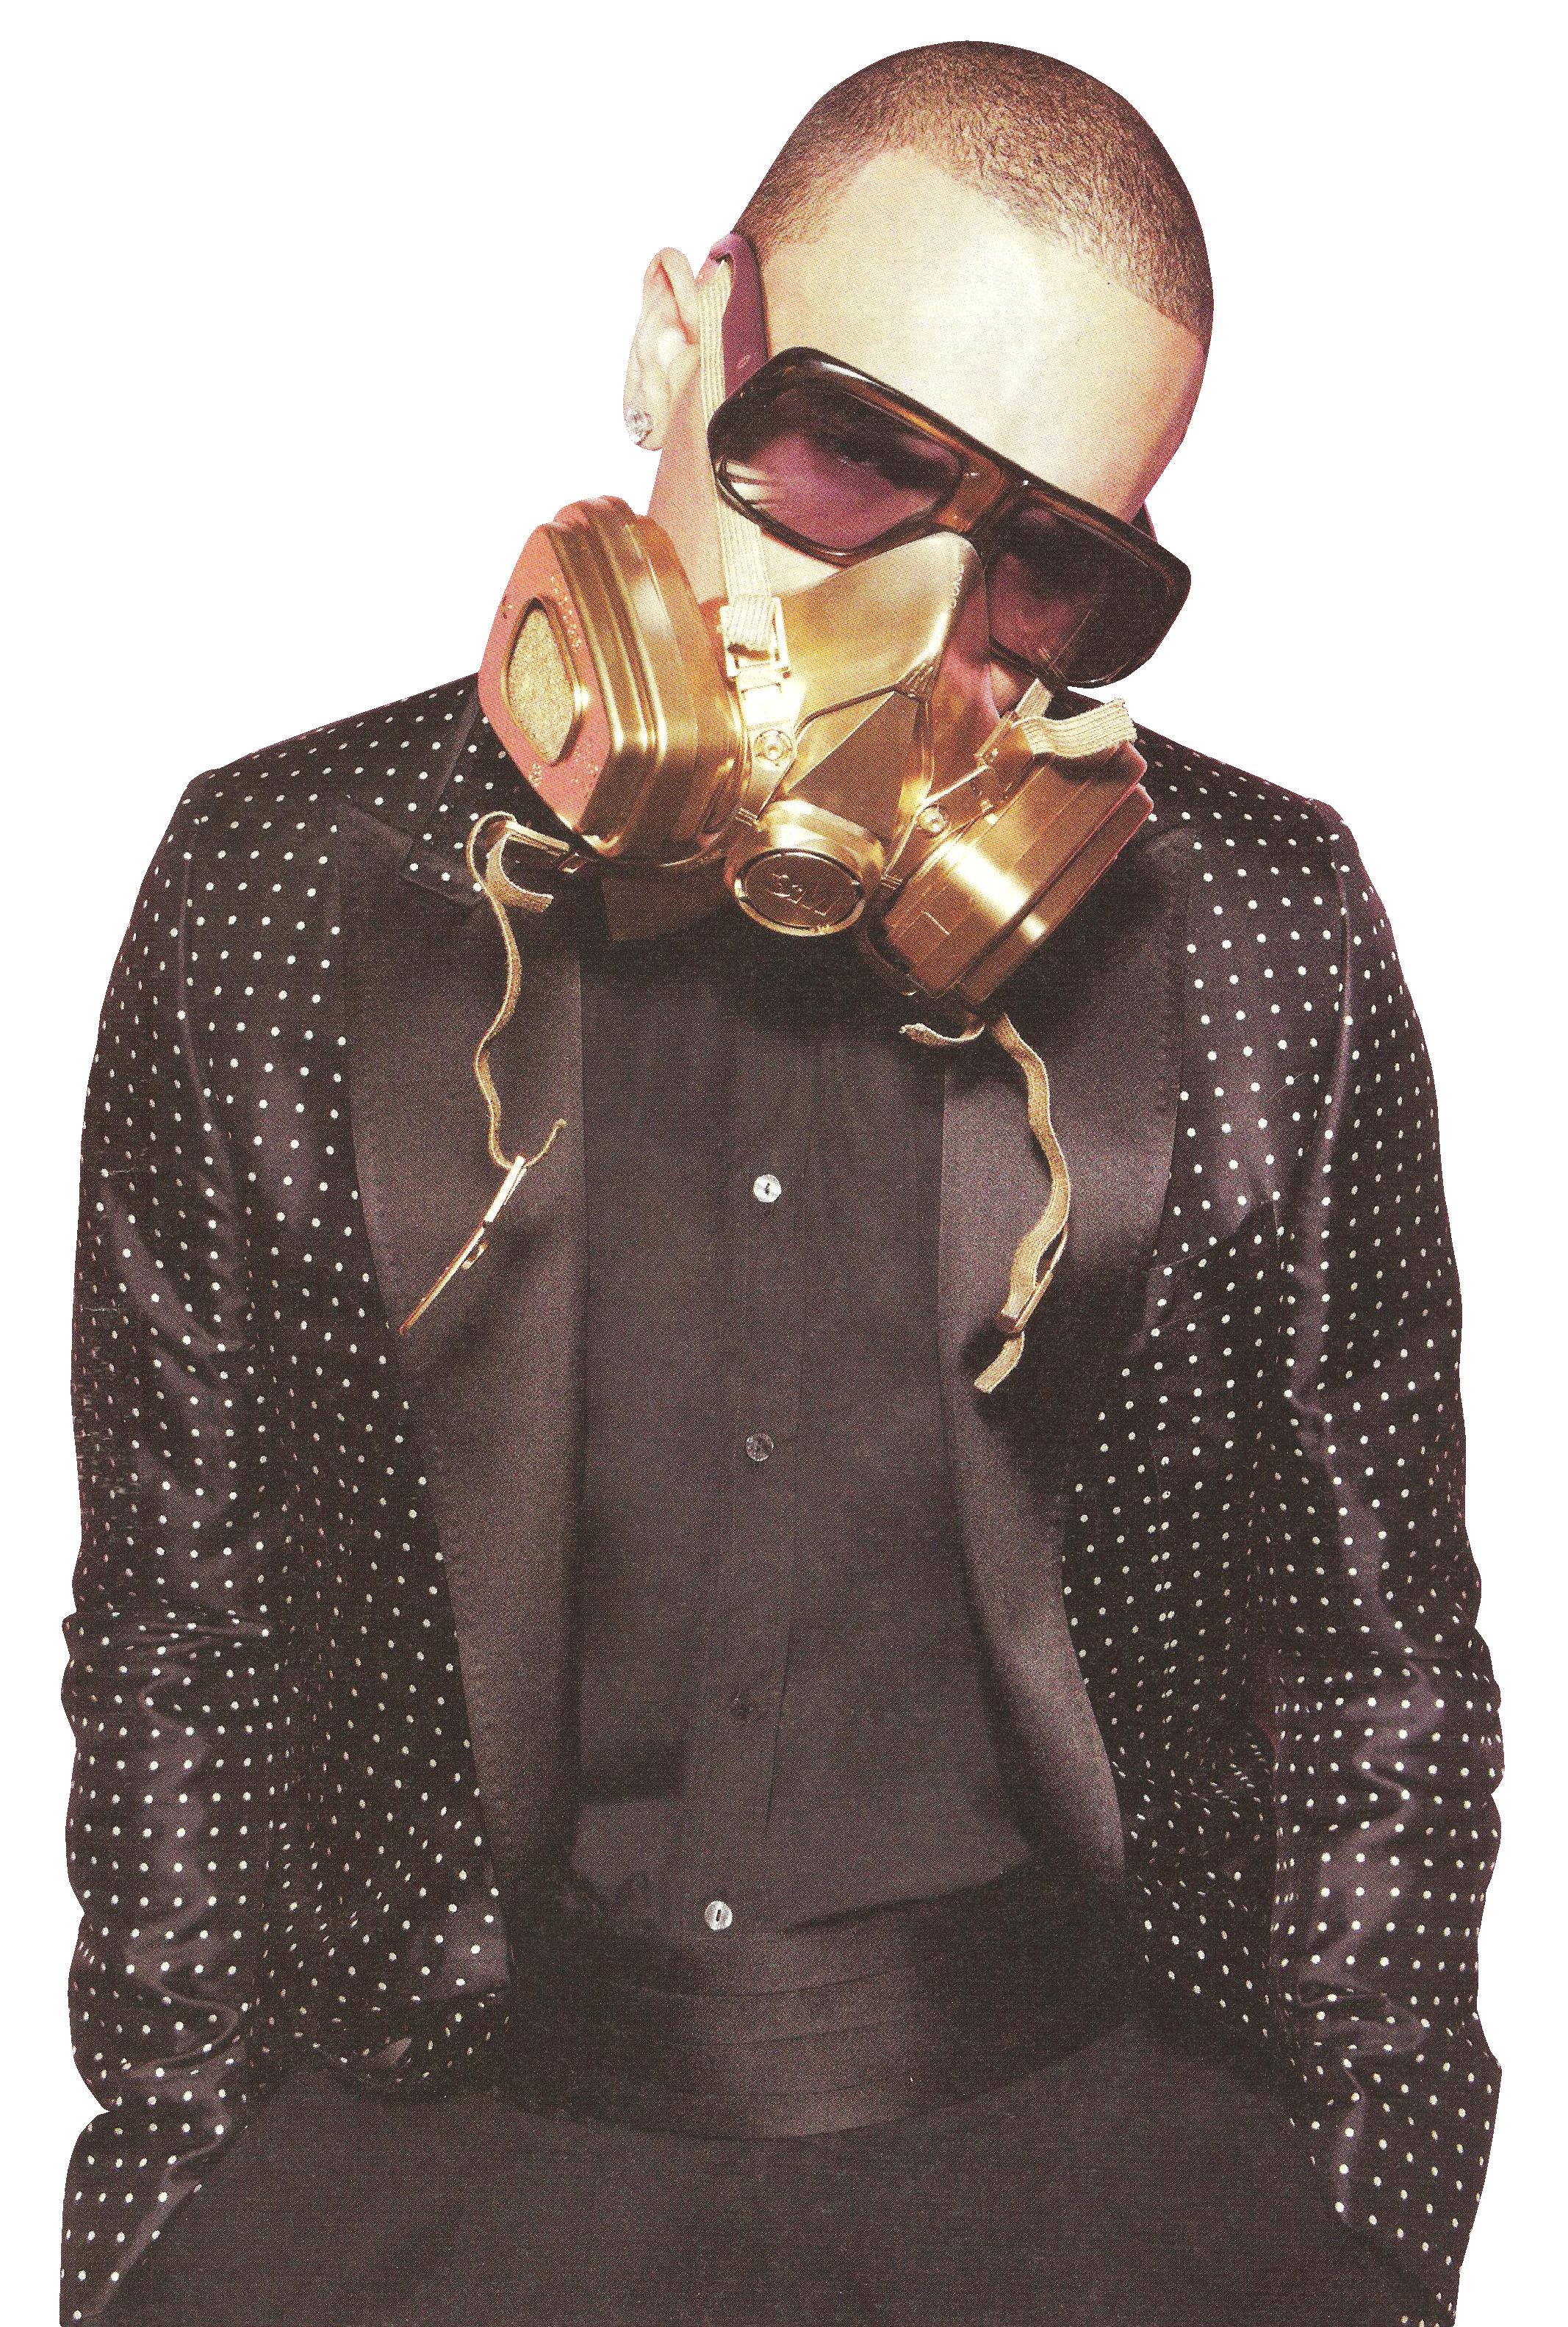 Chris Brown PNG - 6410